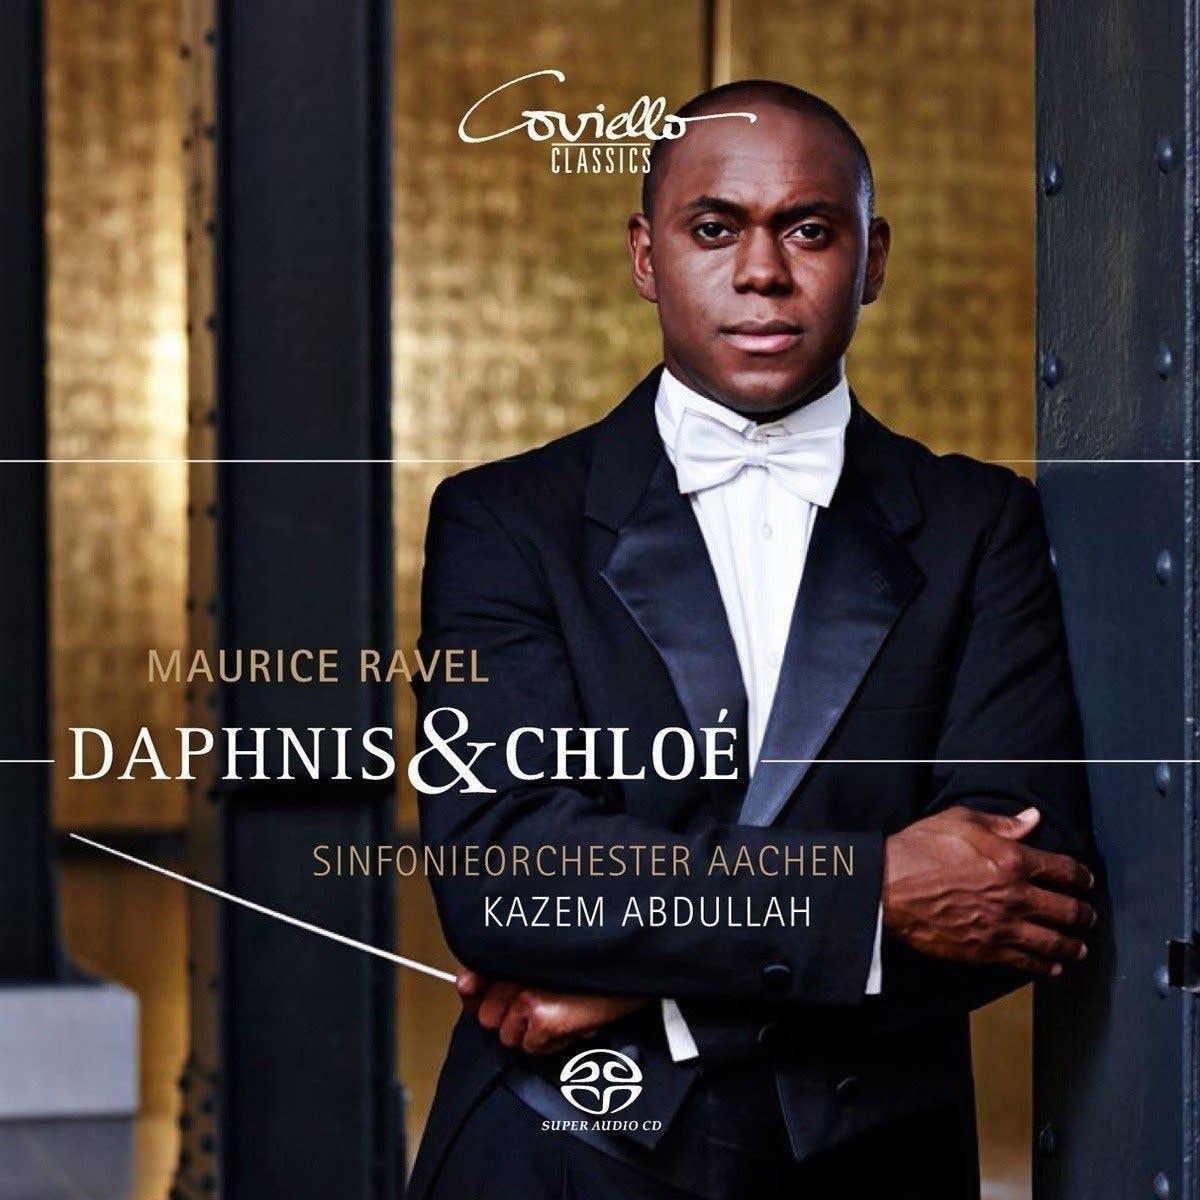 'Ravel: Daphnis & Chloe'